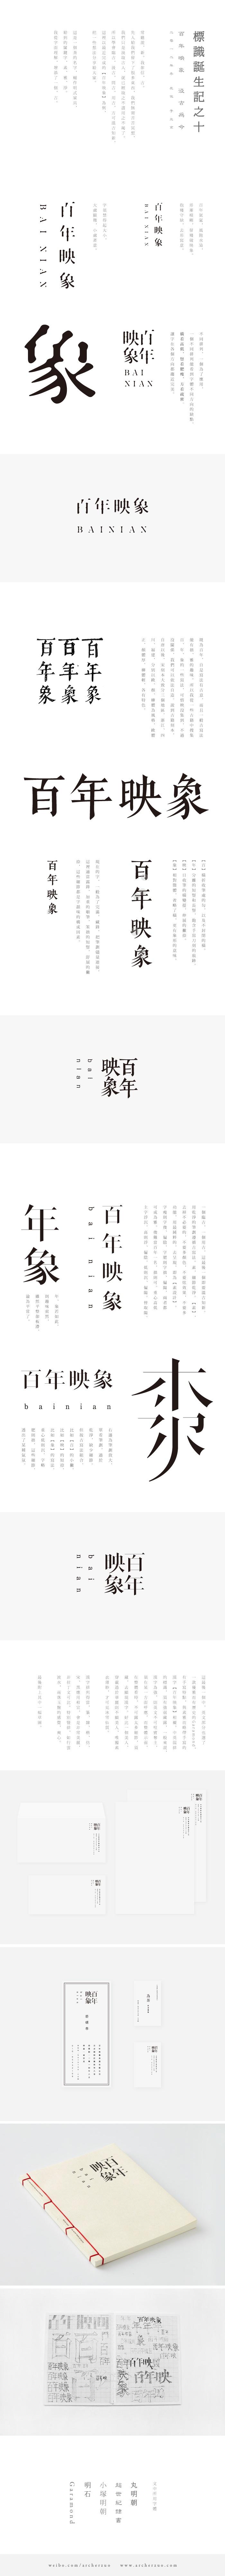 百年映像 / Archerzuo